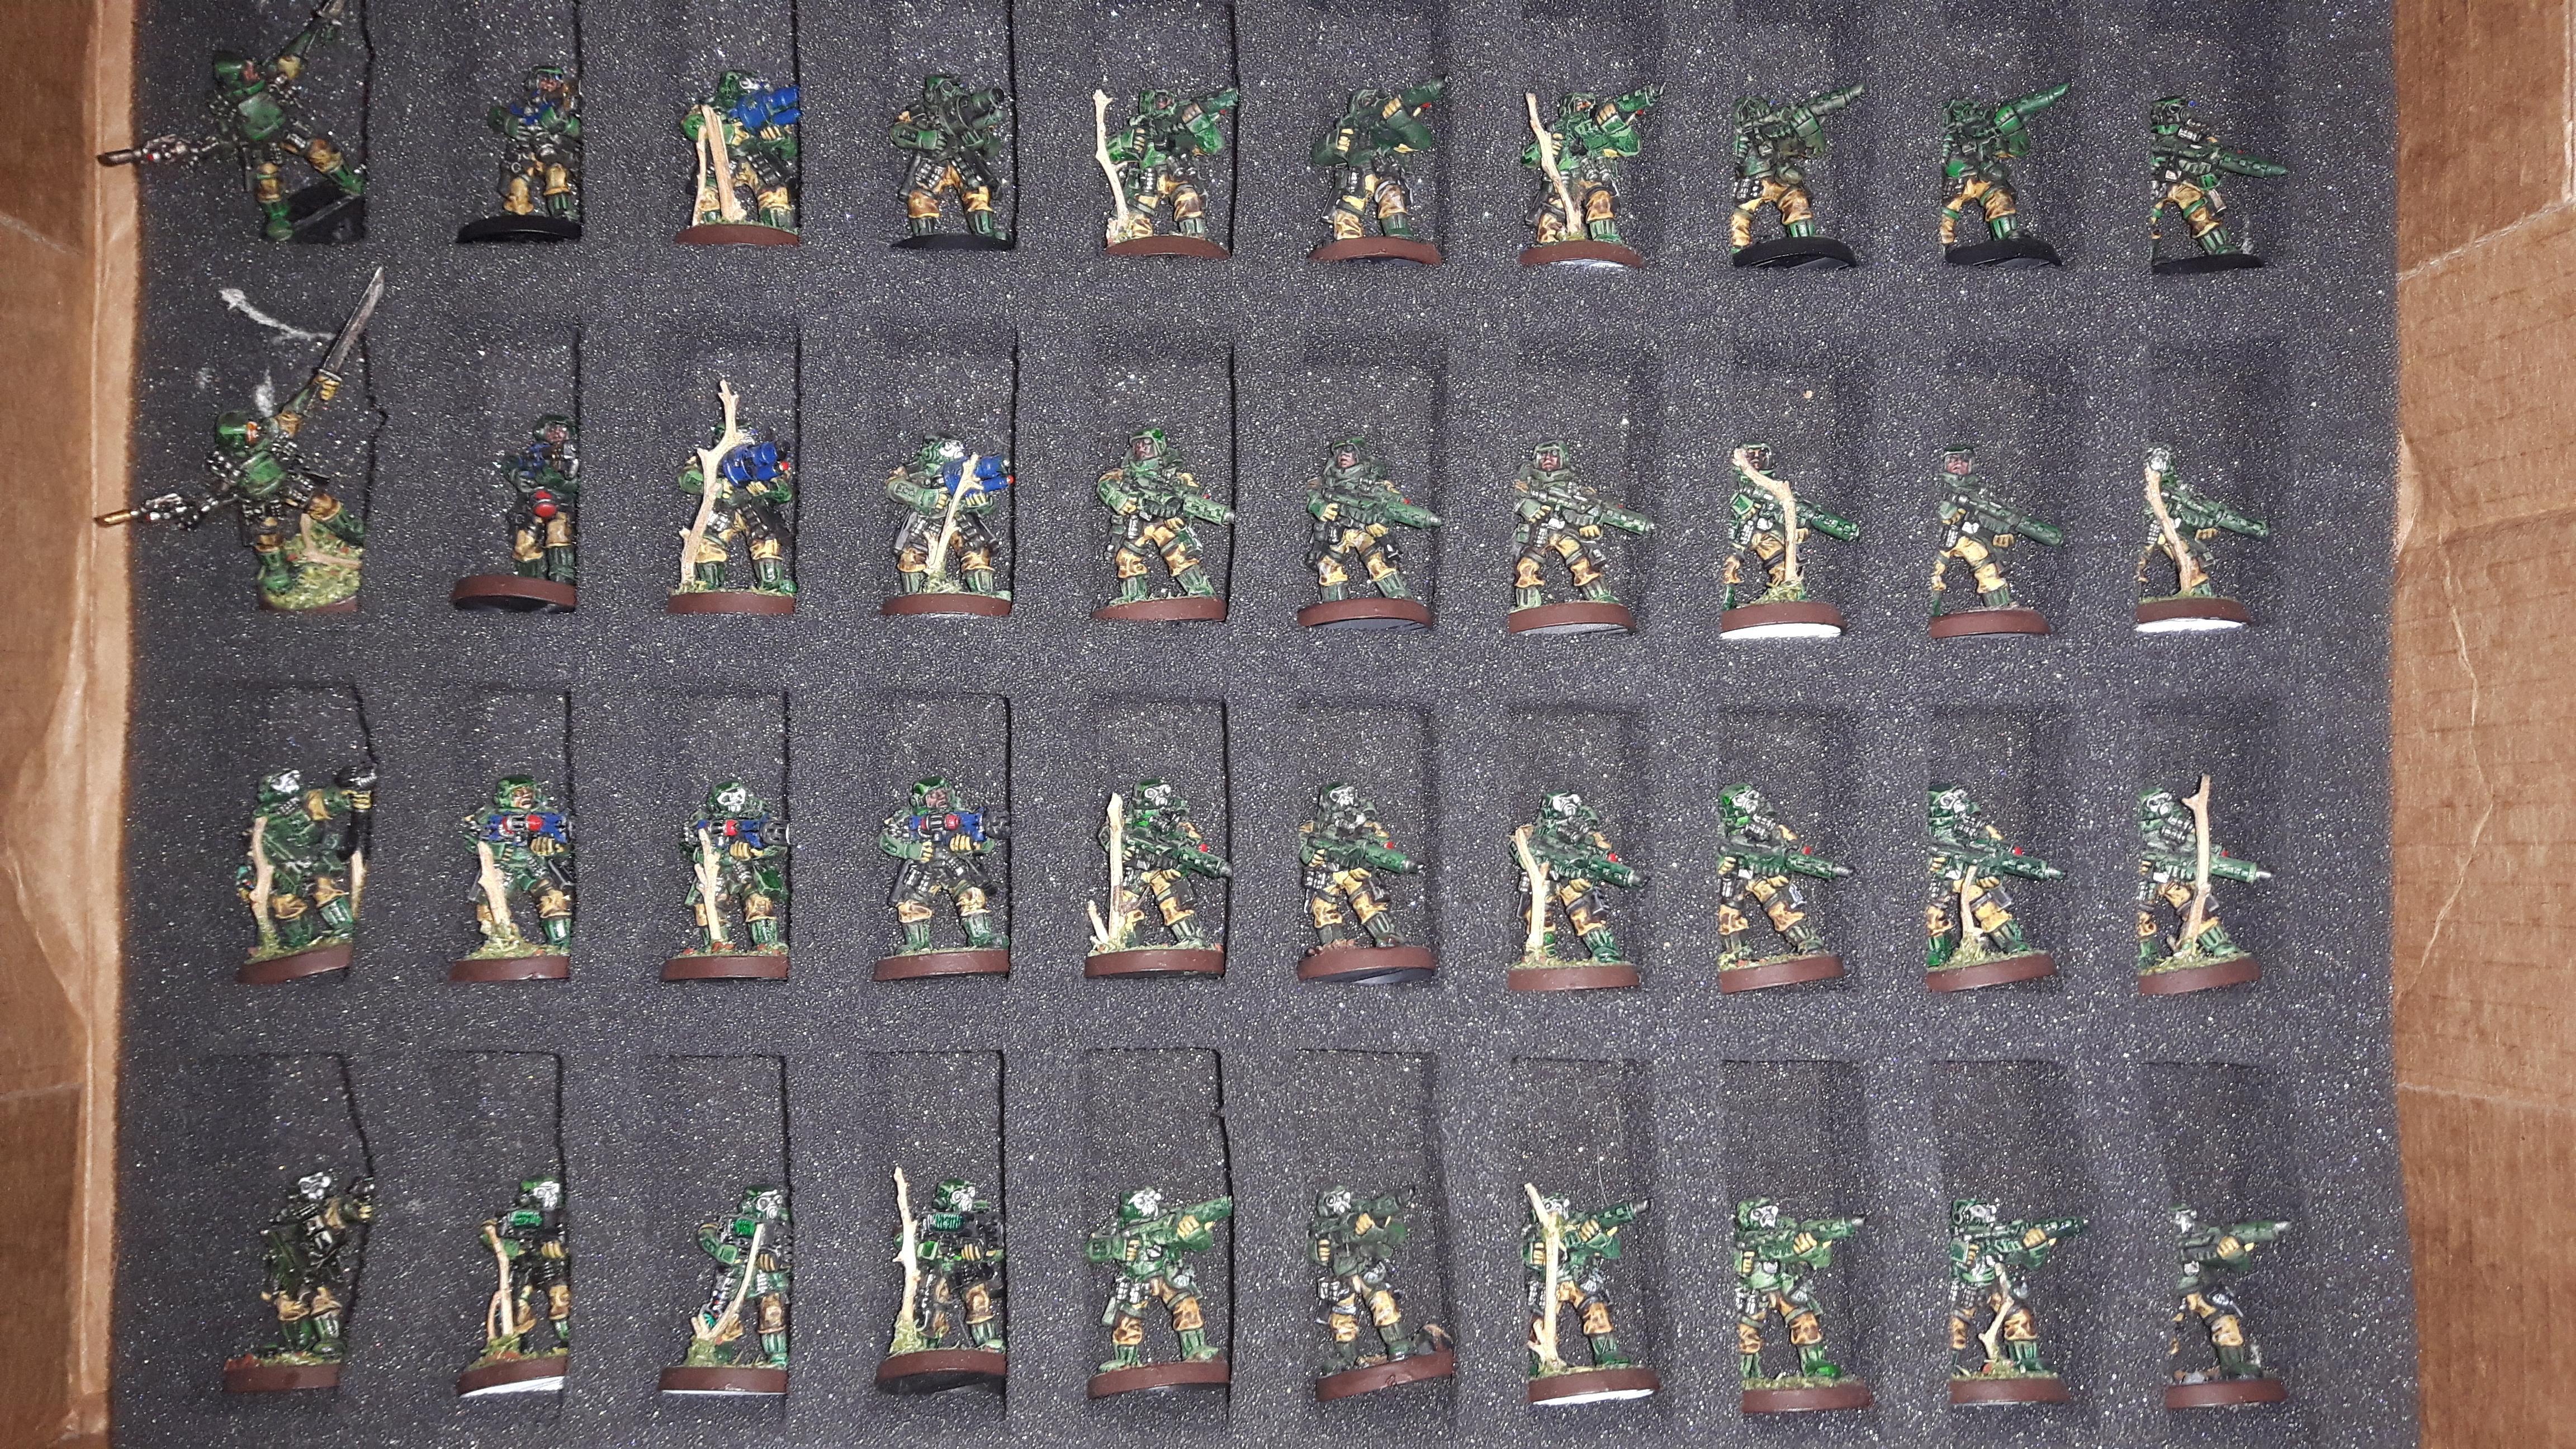 Astra Militarum, Imperial Guard, Metal, Storm Troopers, Stormtrooper, Warhammer 40,000